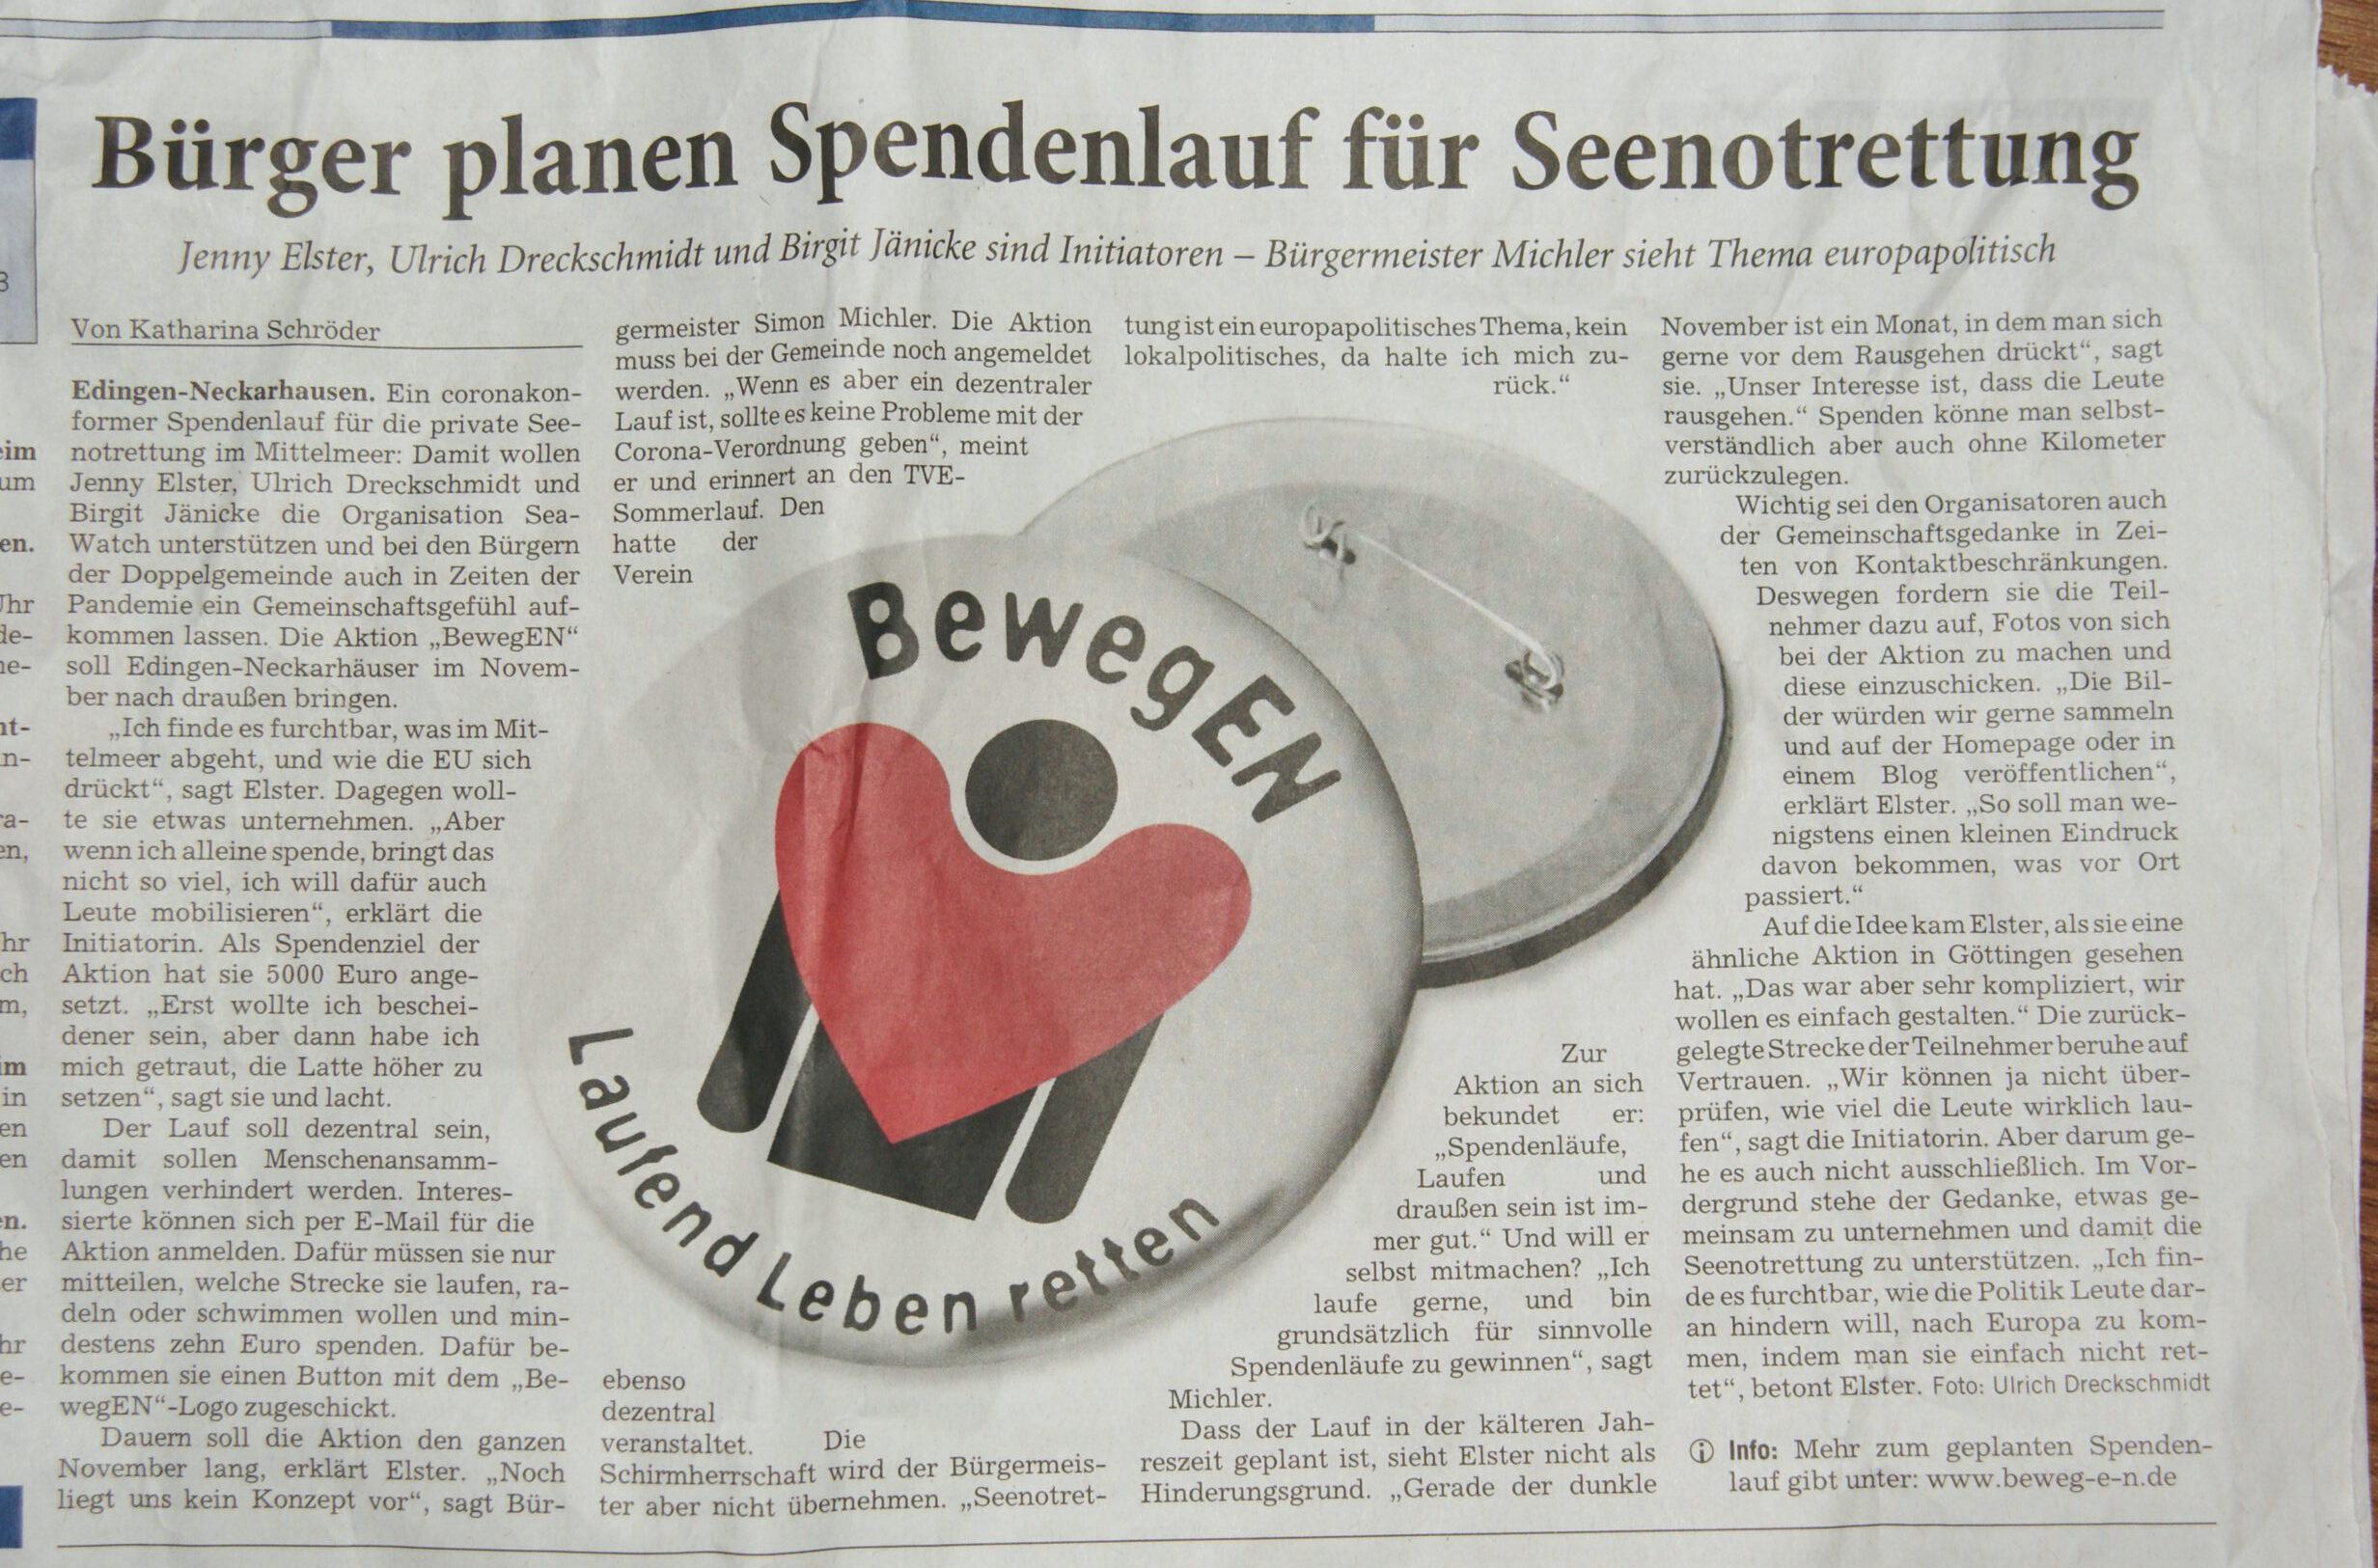 Zeitungsartikel vom 24.10.2020